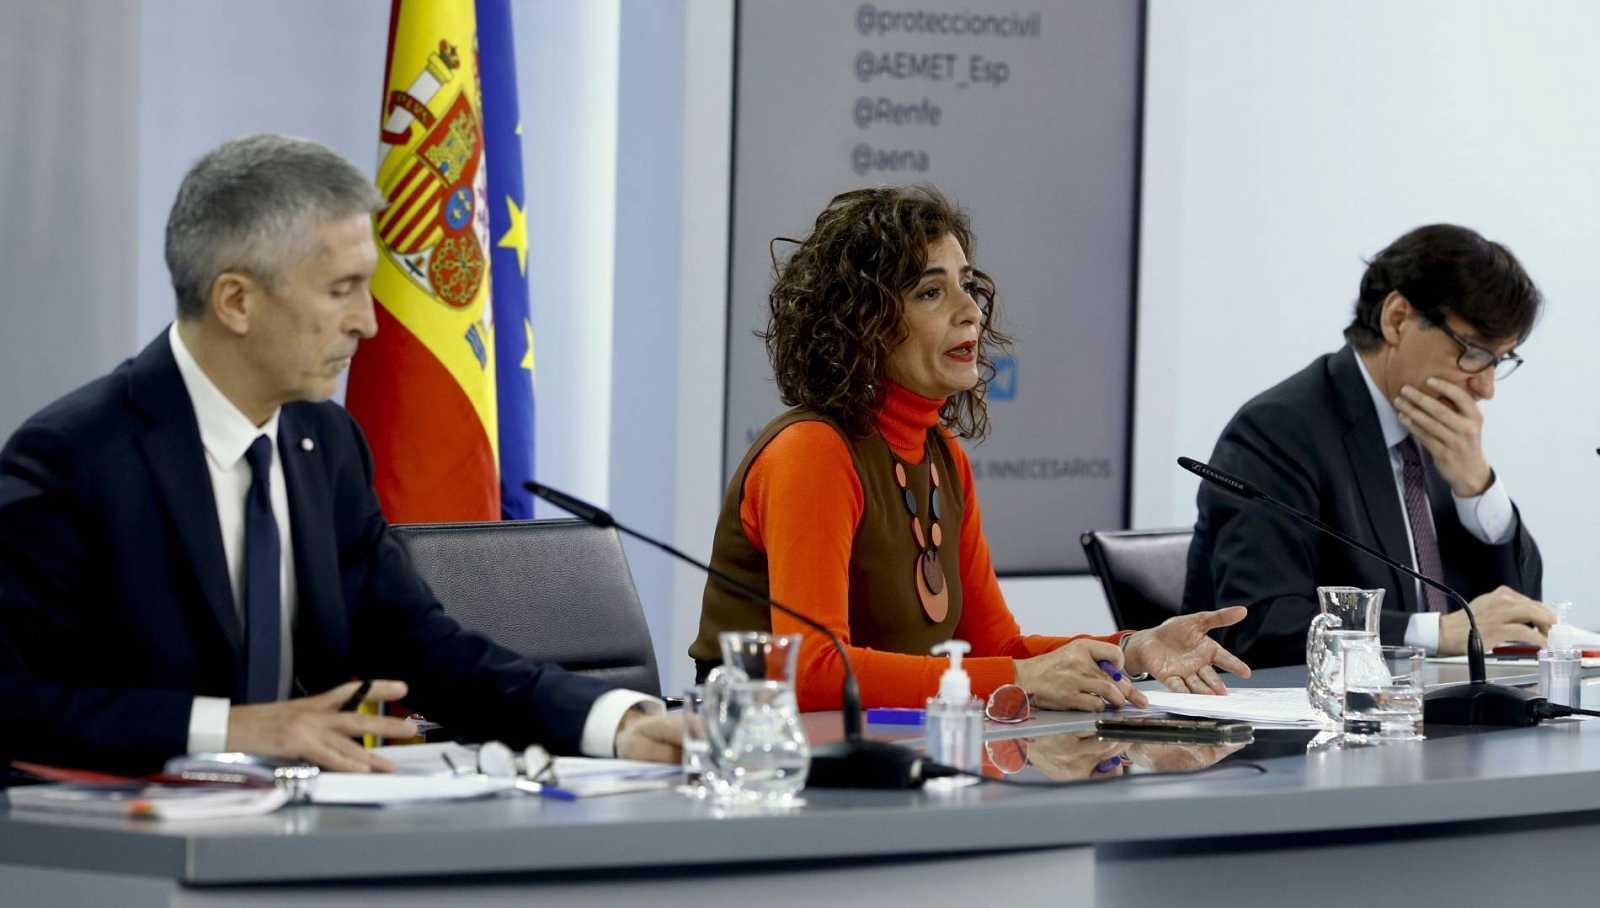 La ministra de Hacienda, María Jesús Montero, y los titulares de Interior, Fernando Grande Marlaska, y Sanidad, Salvador Illa